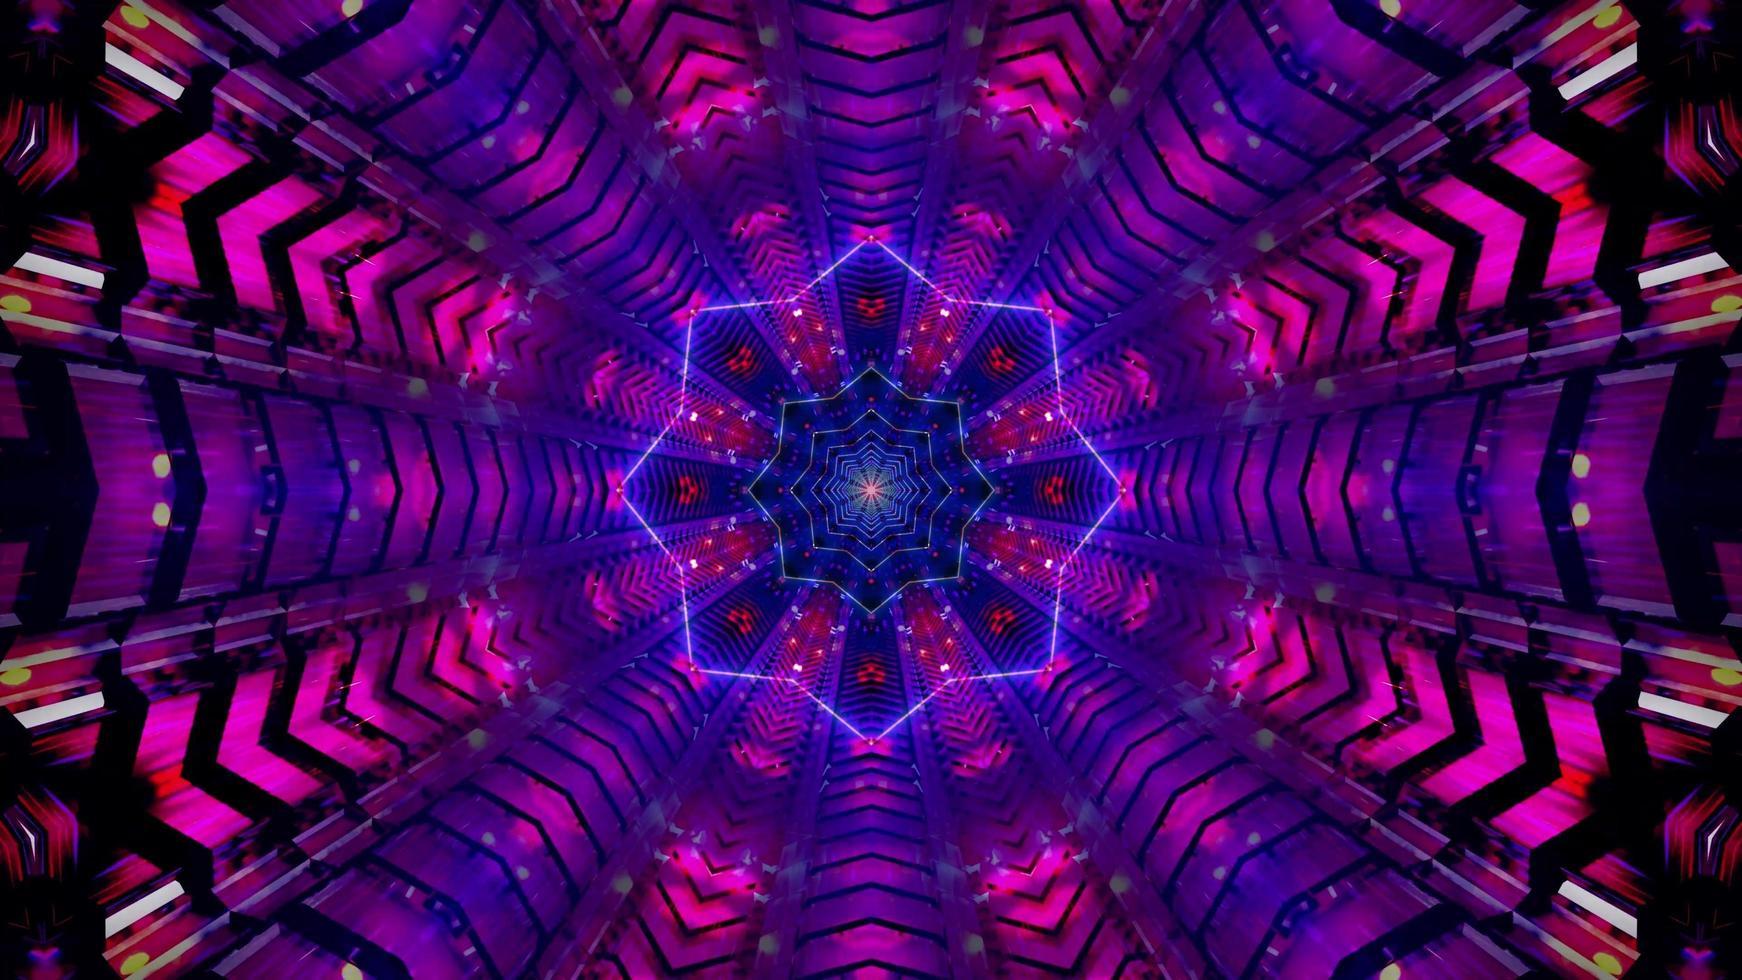 estrella túnel abstracto 3d ilustración fondo papel pintado diseño obra de arte foto